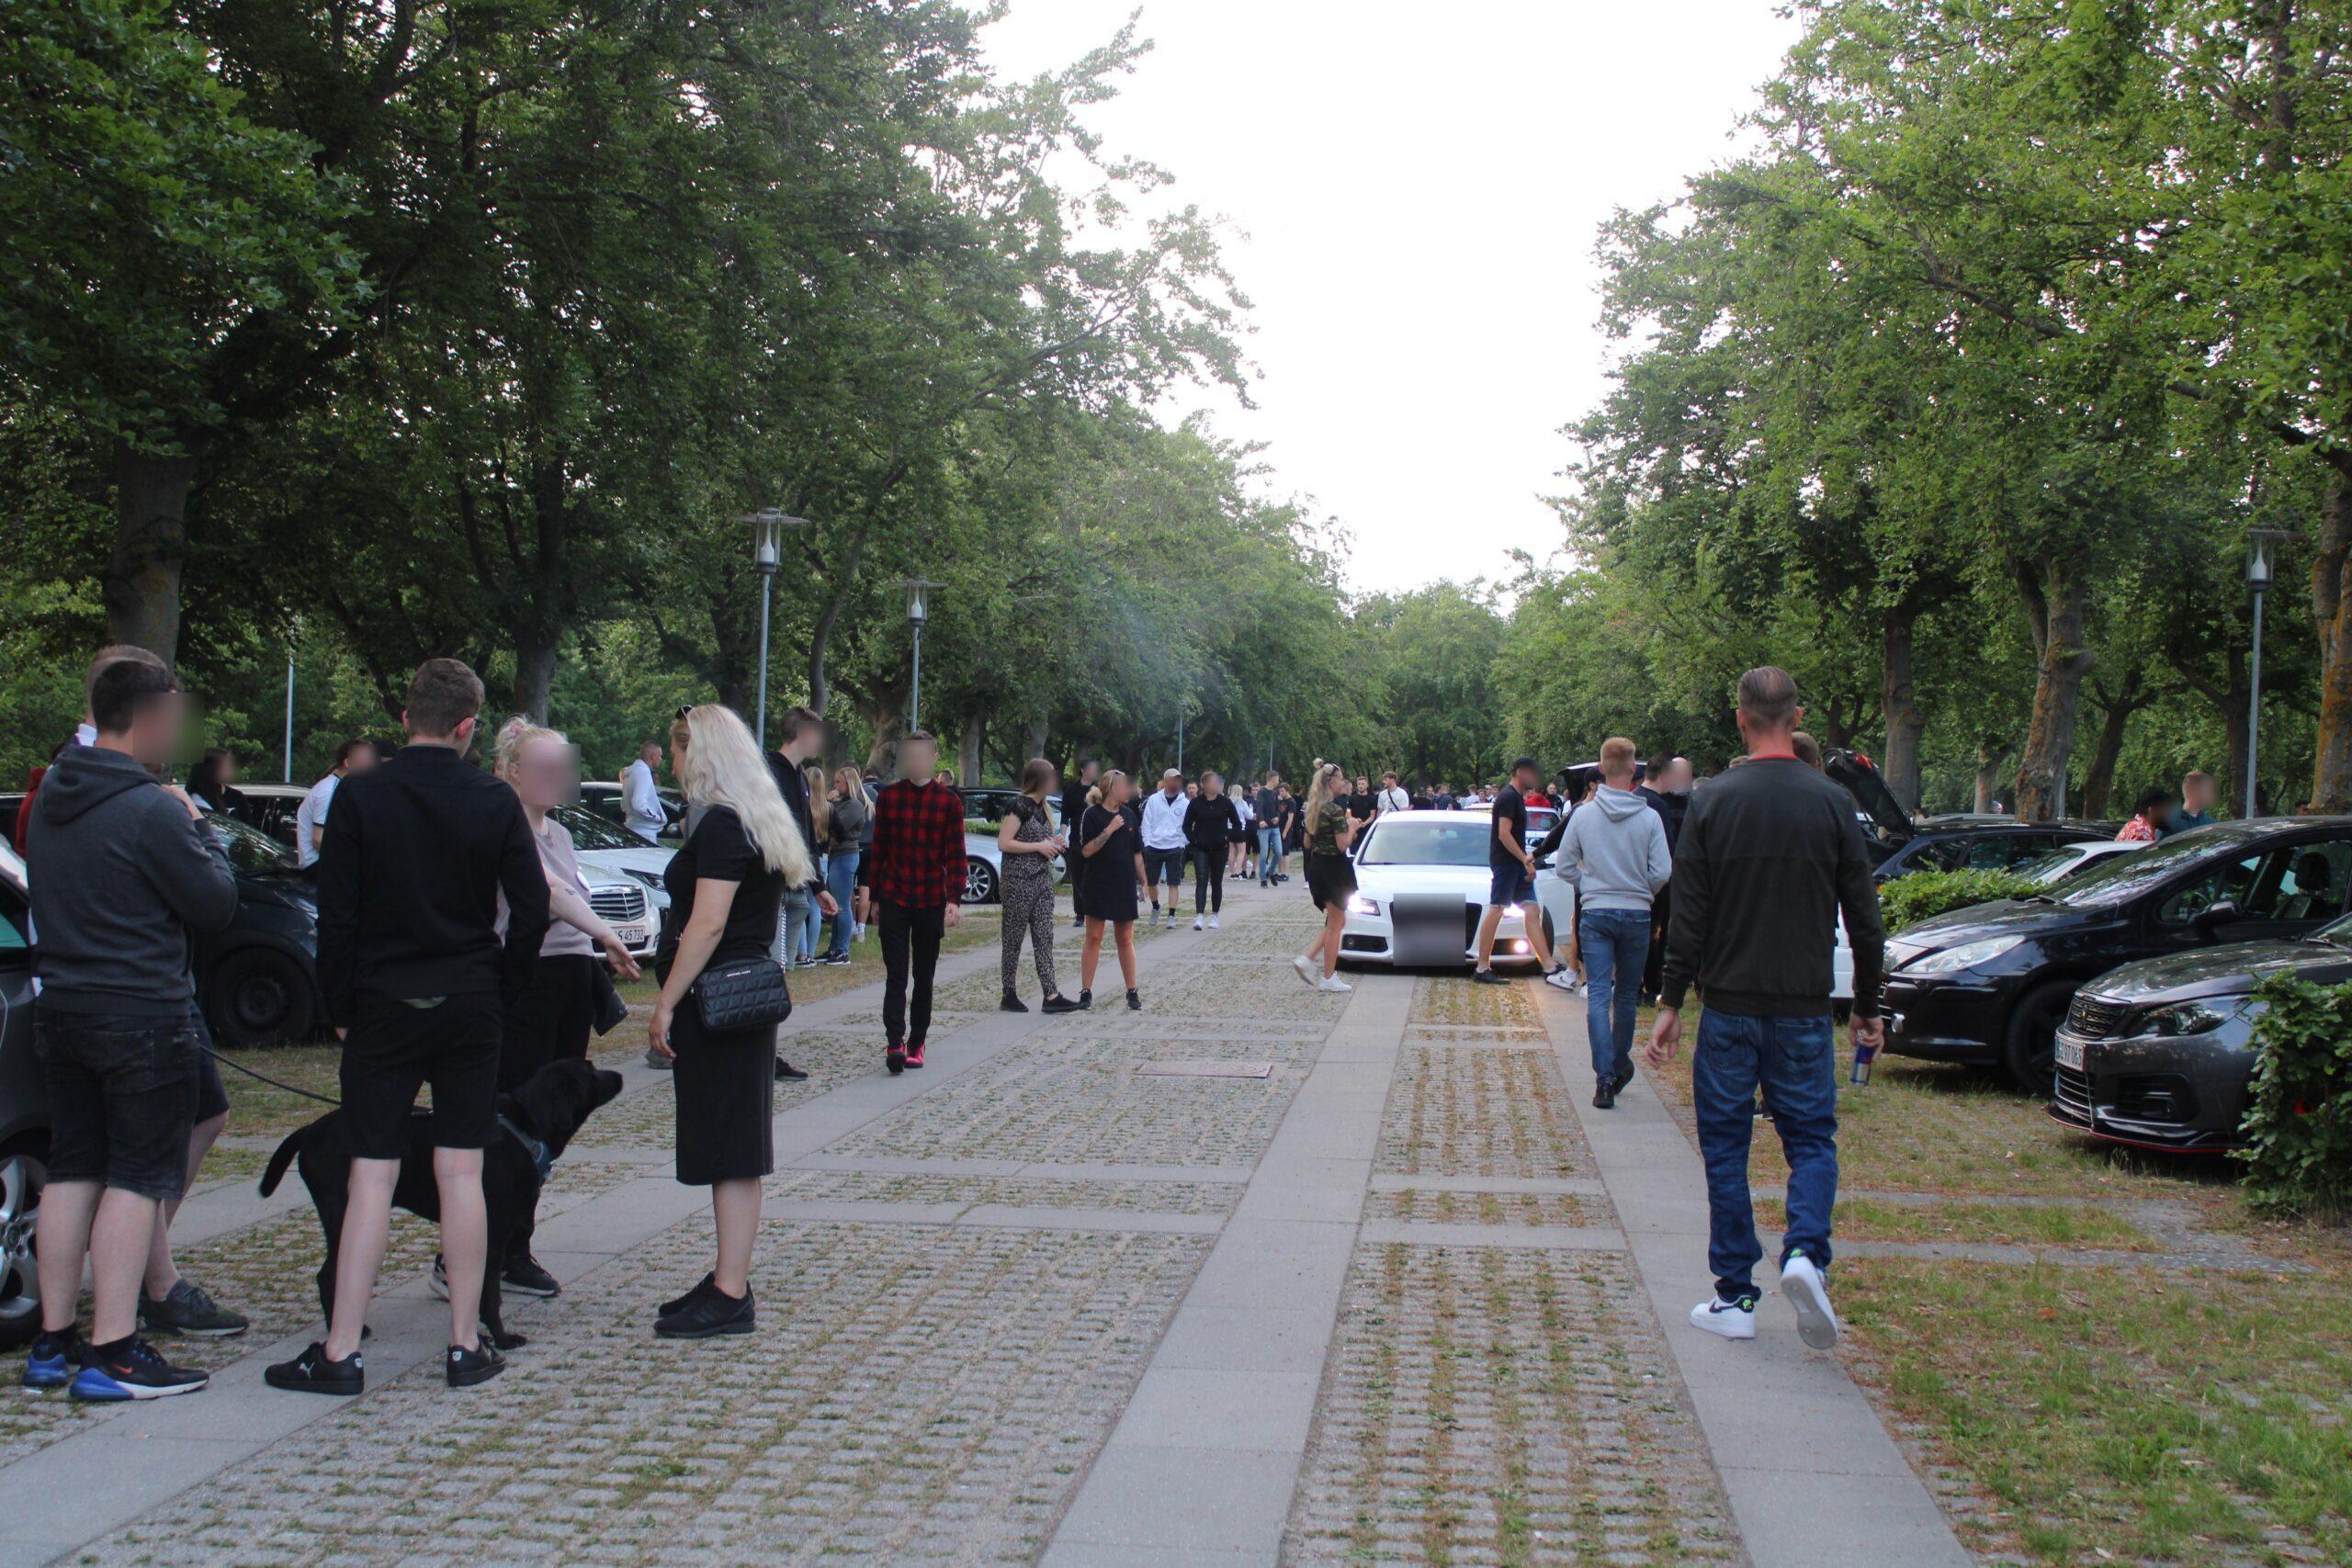 Større biltræf i Lyngby